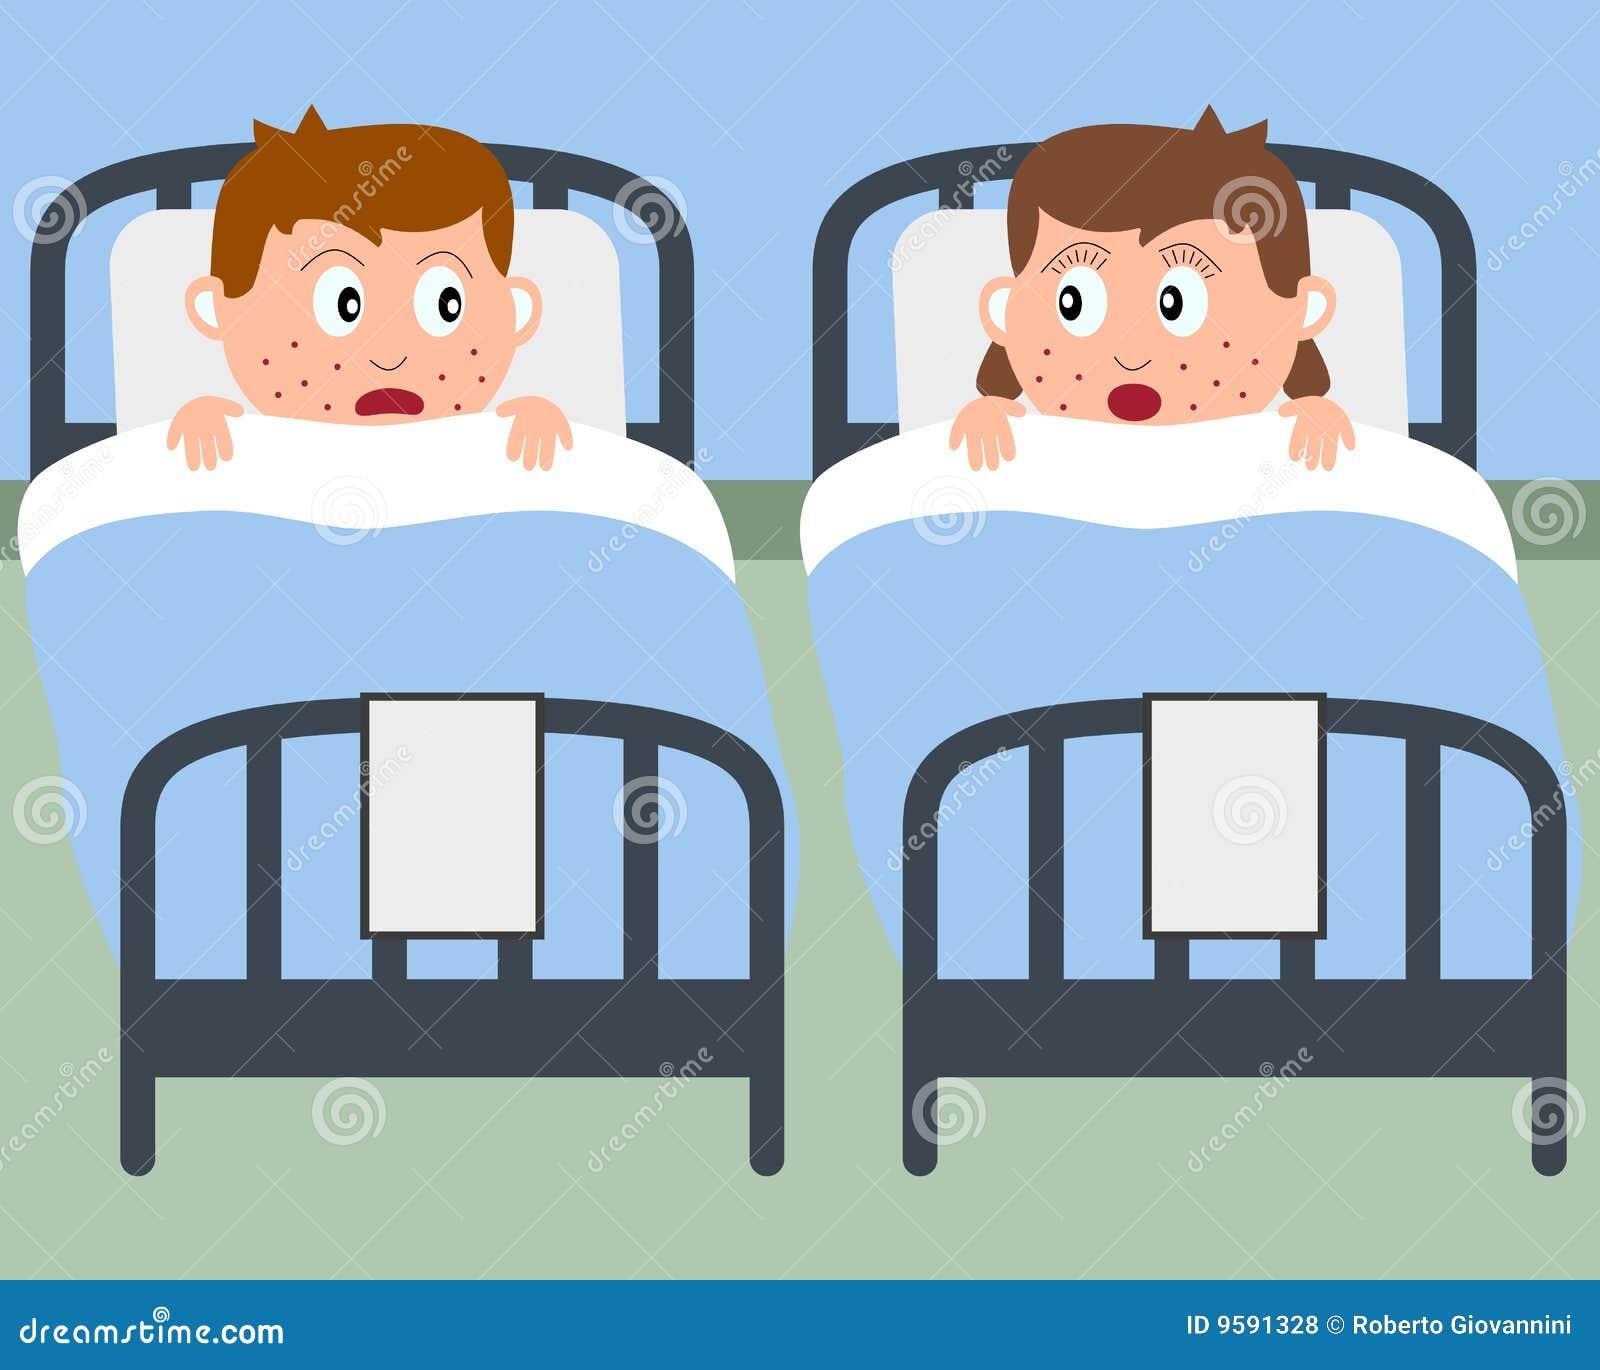 Sick Kids In Hospital Beds Illustration 9591328 Megapixl